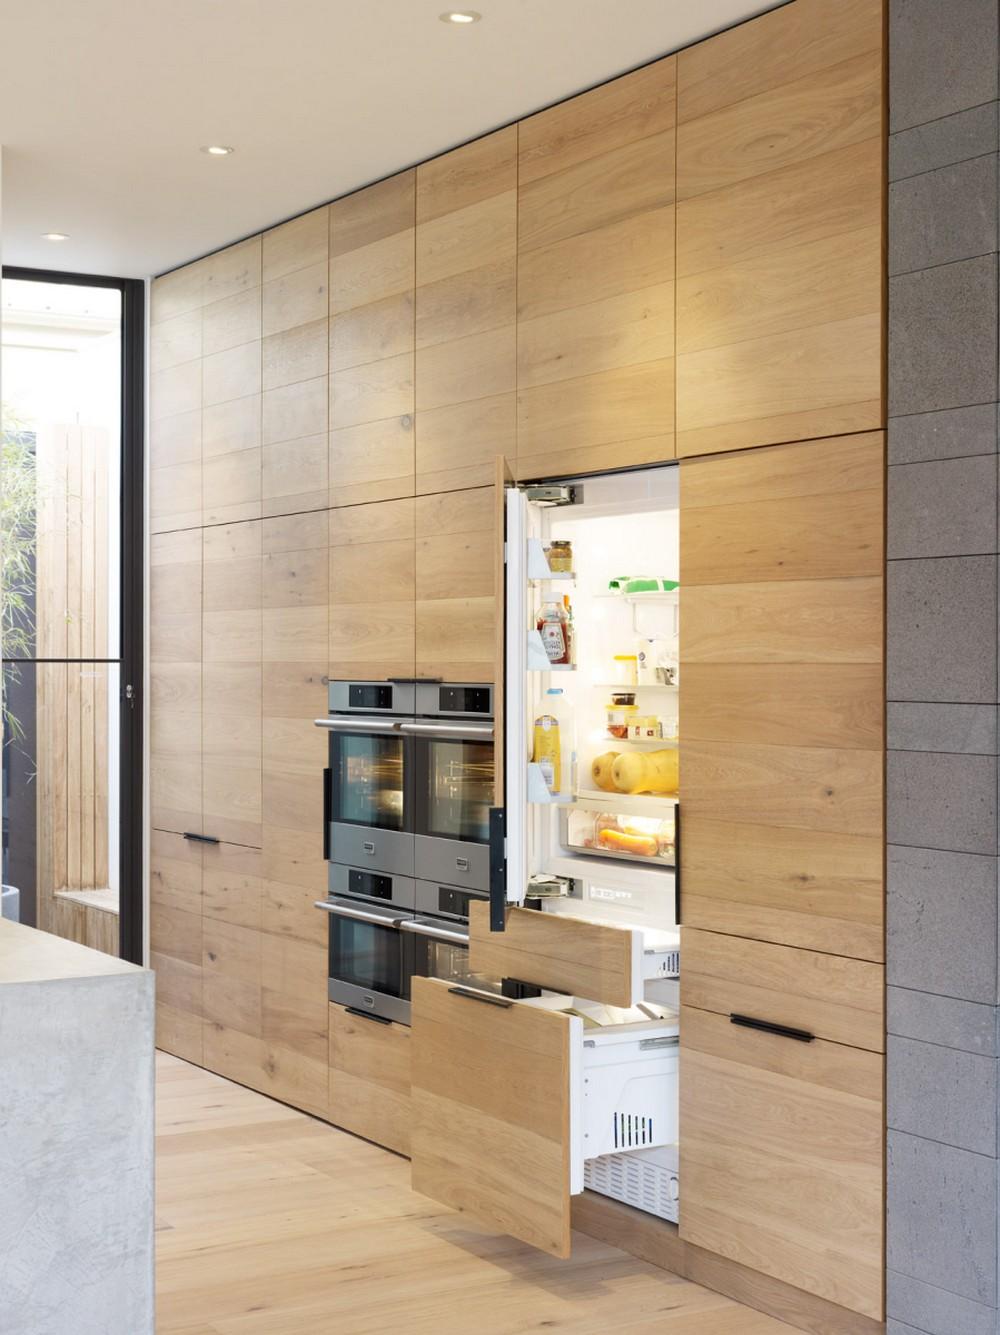 встраиваемые холодильники Asko - Nofrost - магазин холодильников в Краснодаре